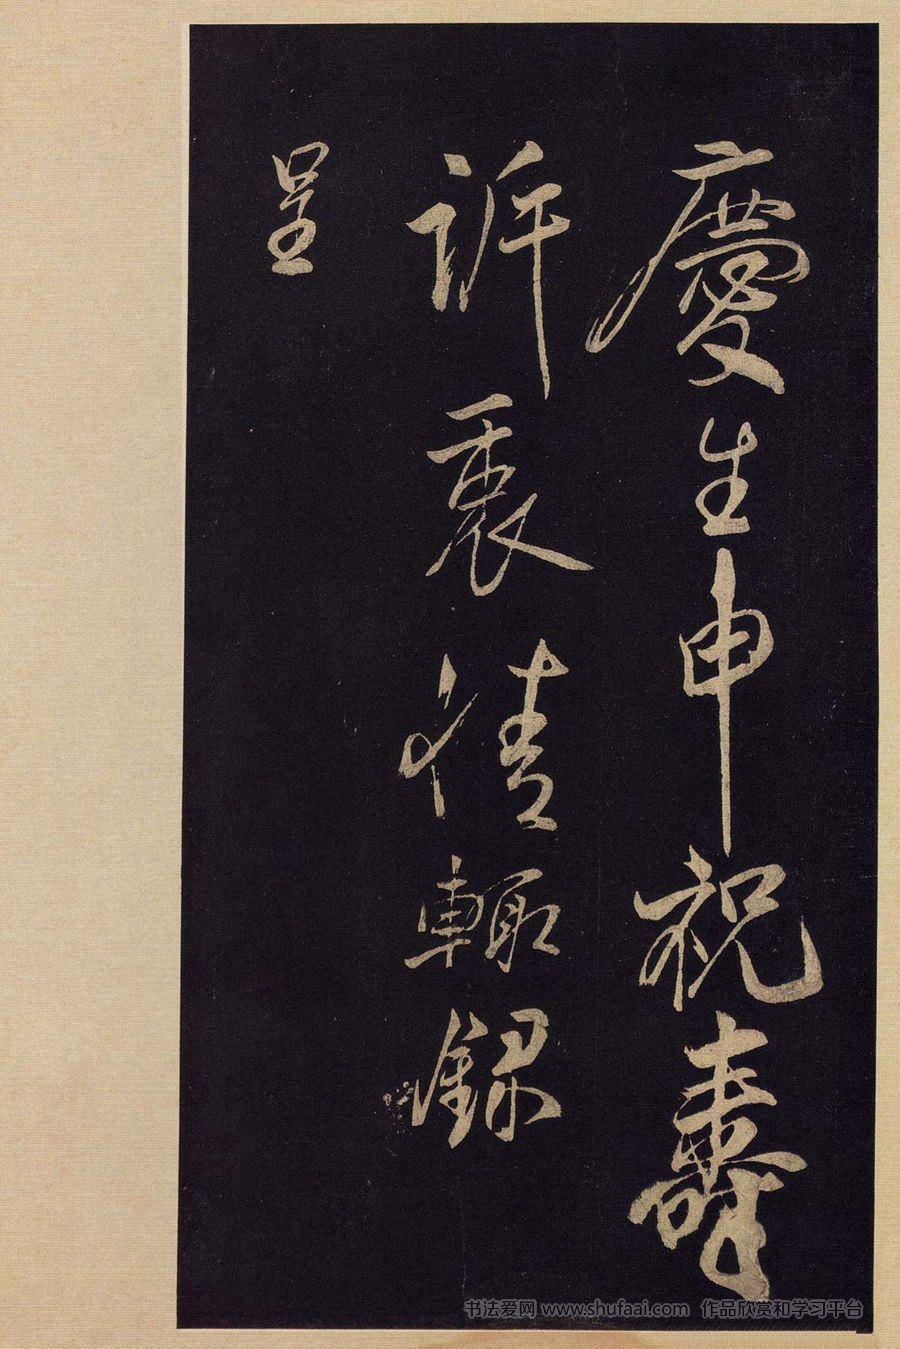 《宝晋斋法帖》卷第十:米芾书法欣赏